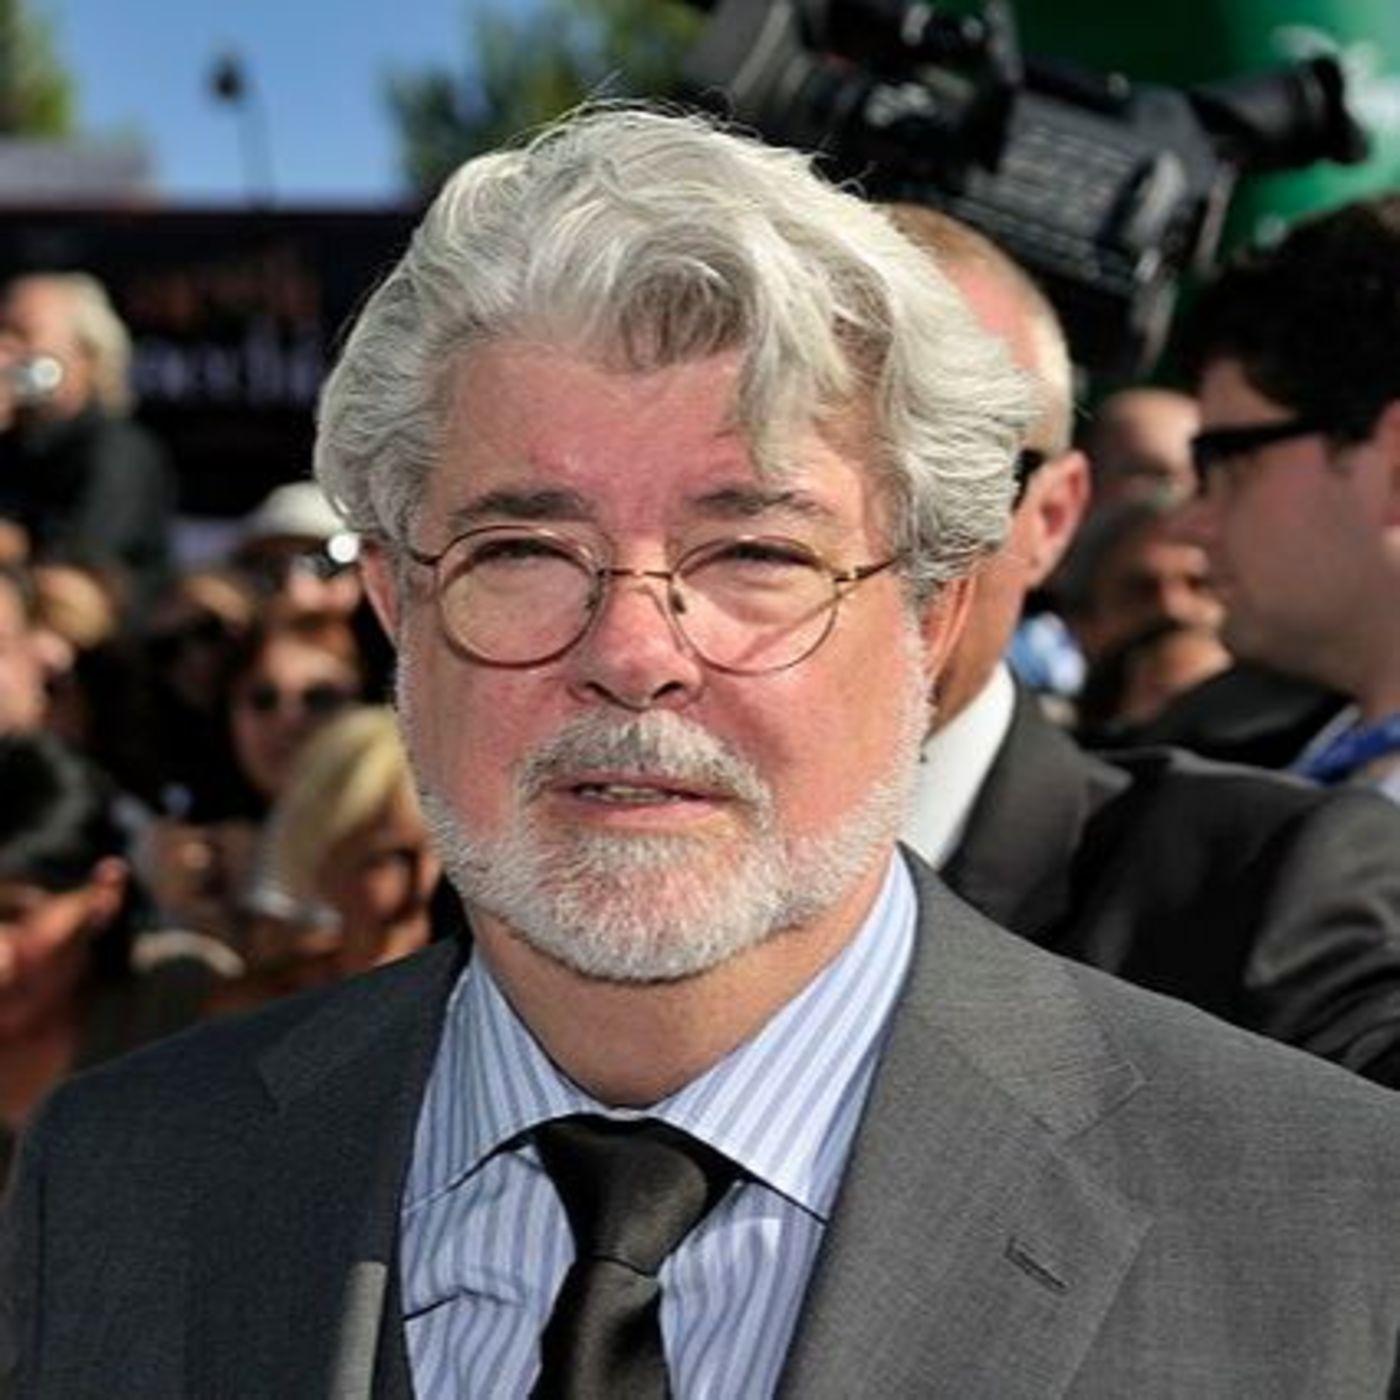 George Lucas - Portrait